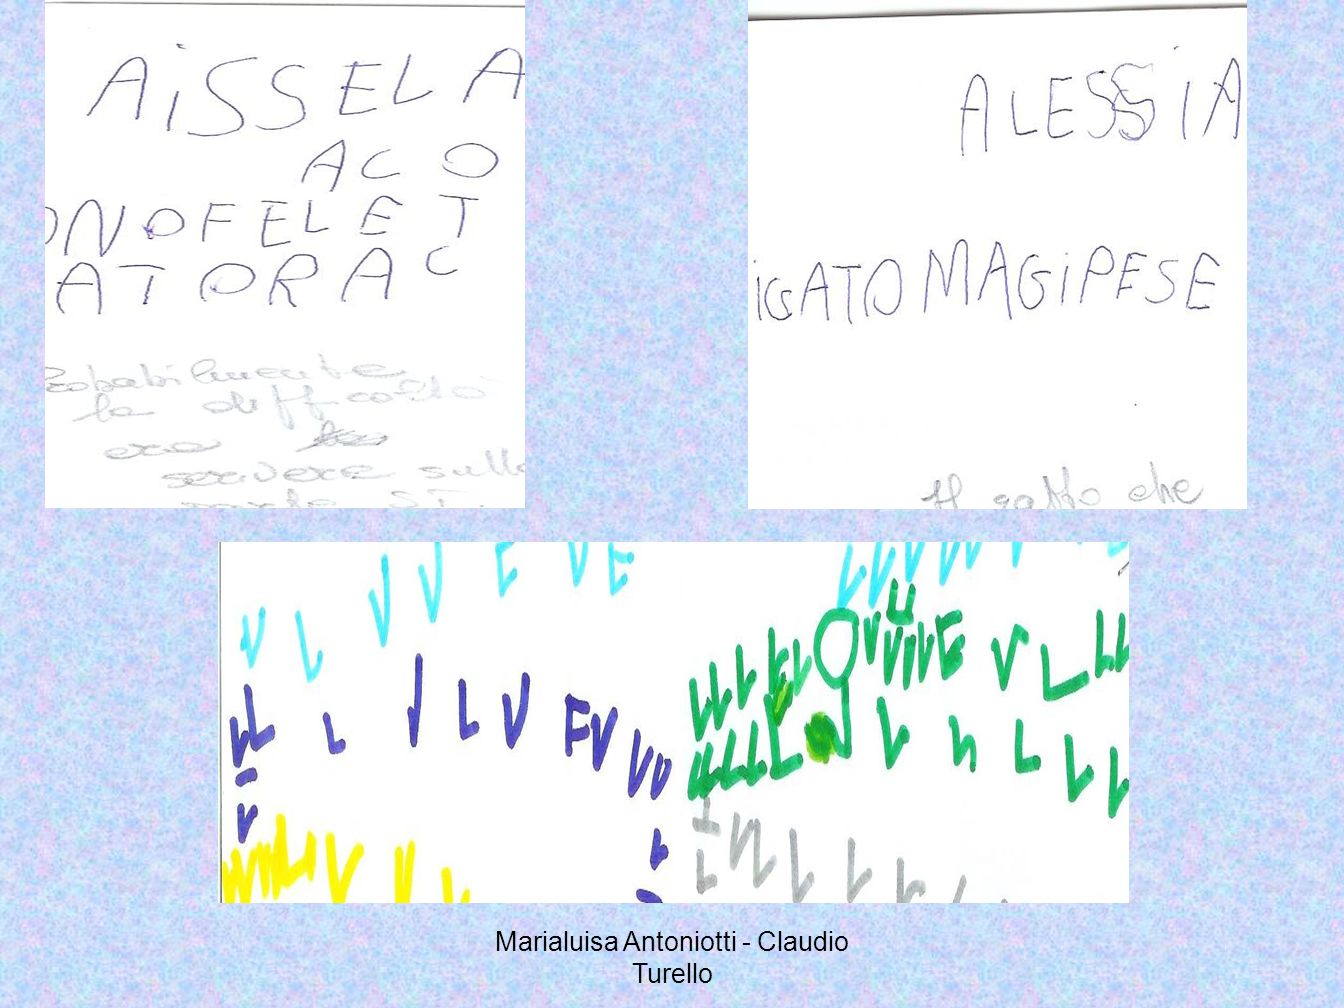 Marialuisa Antoniotti - Claudio Turello